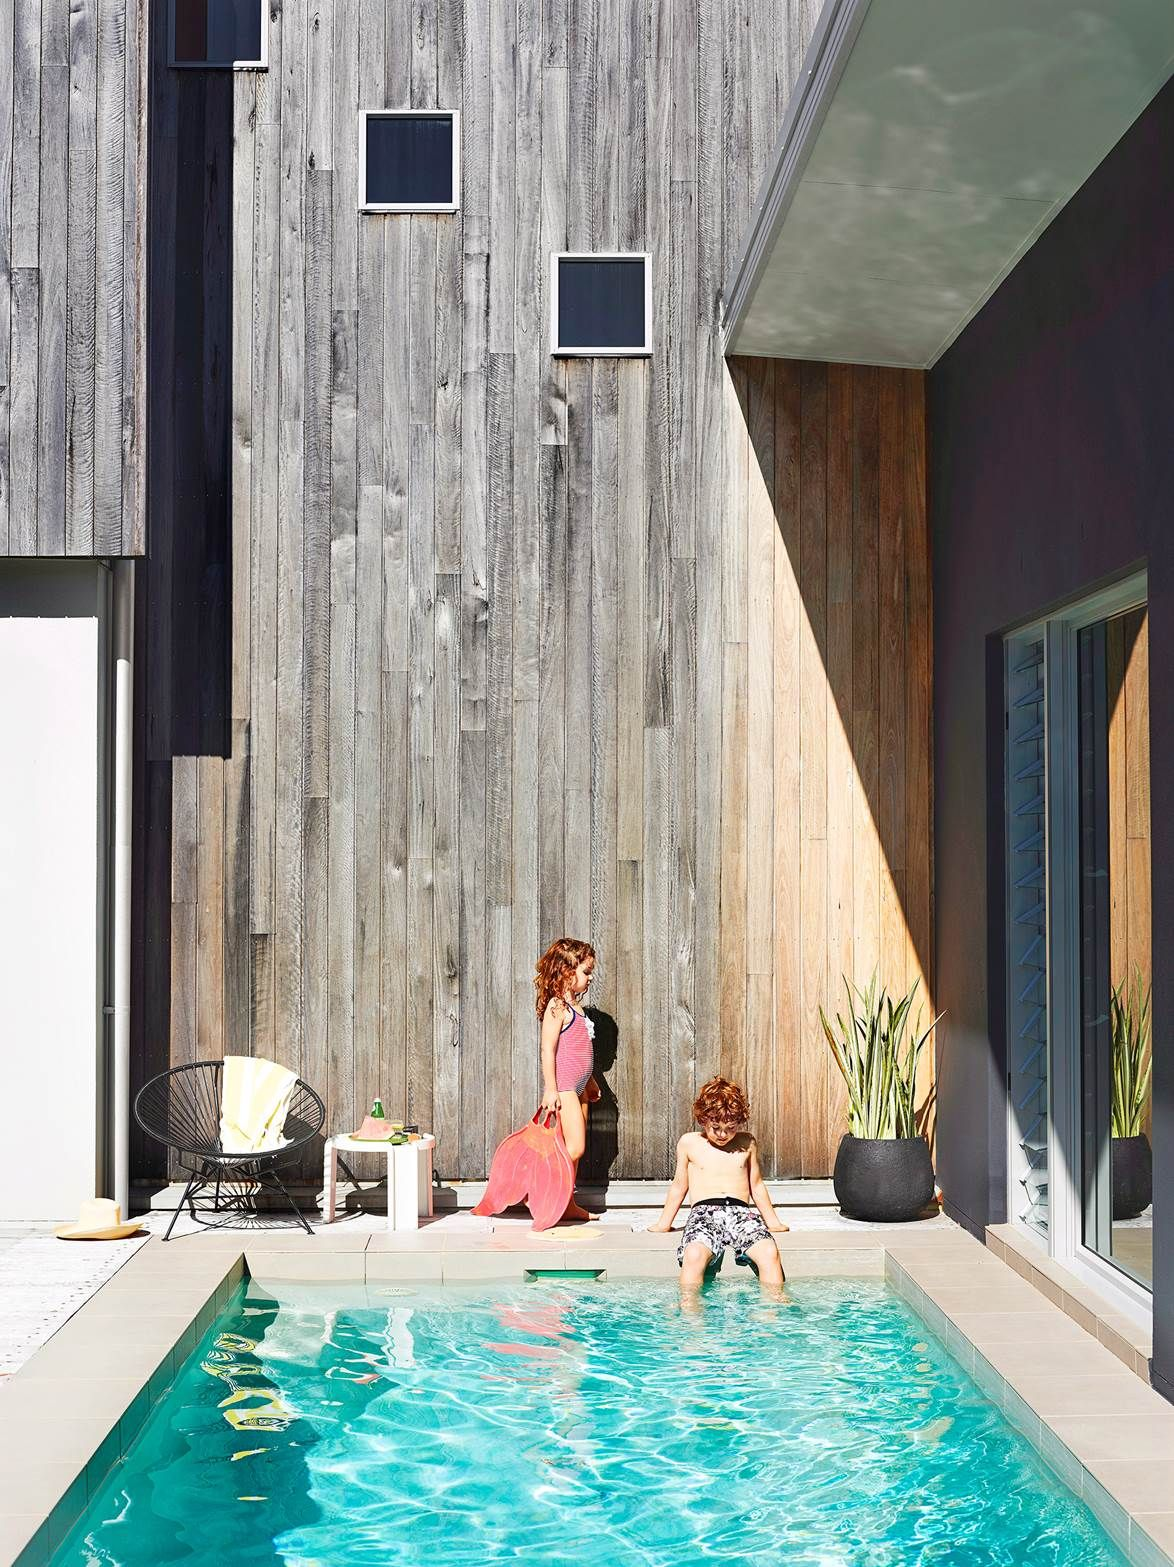 12 Resort Style Pool Designs Plunge Pool Pool Colors Resort Style Pool